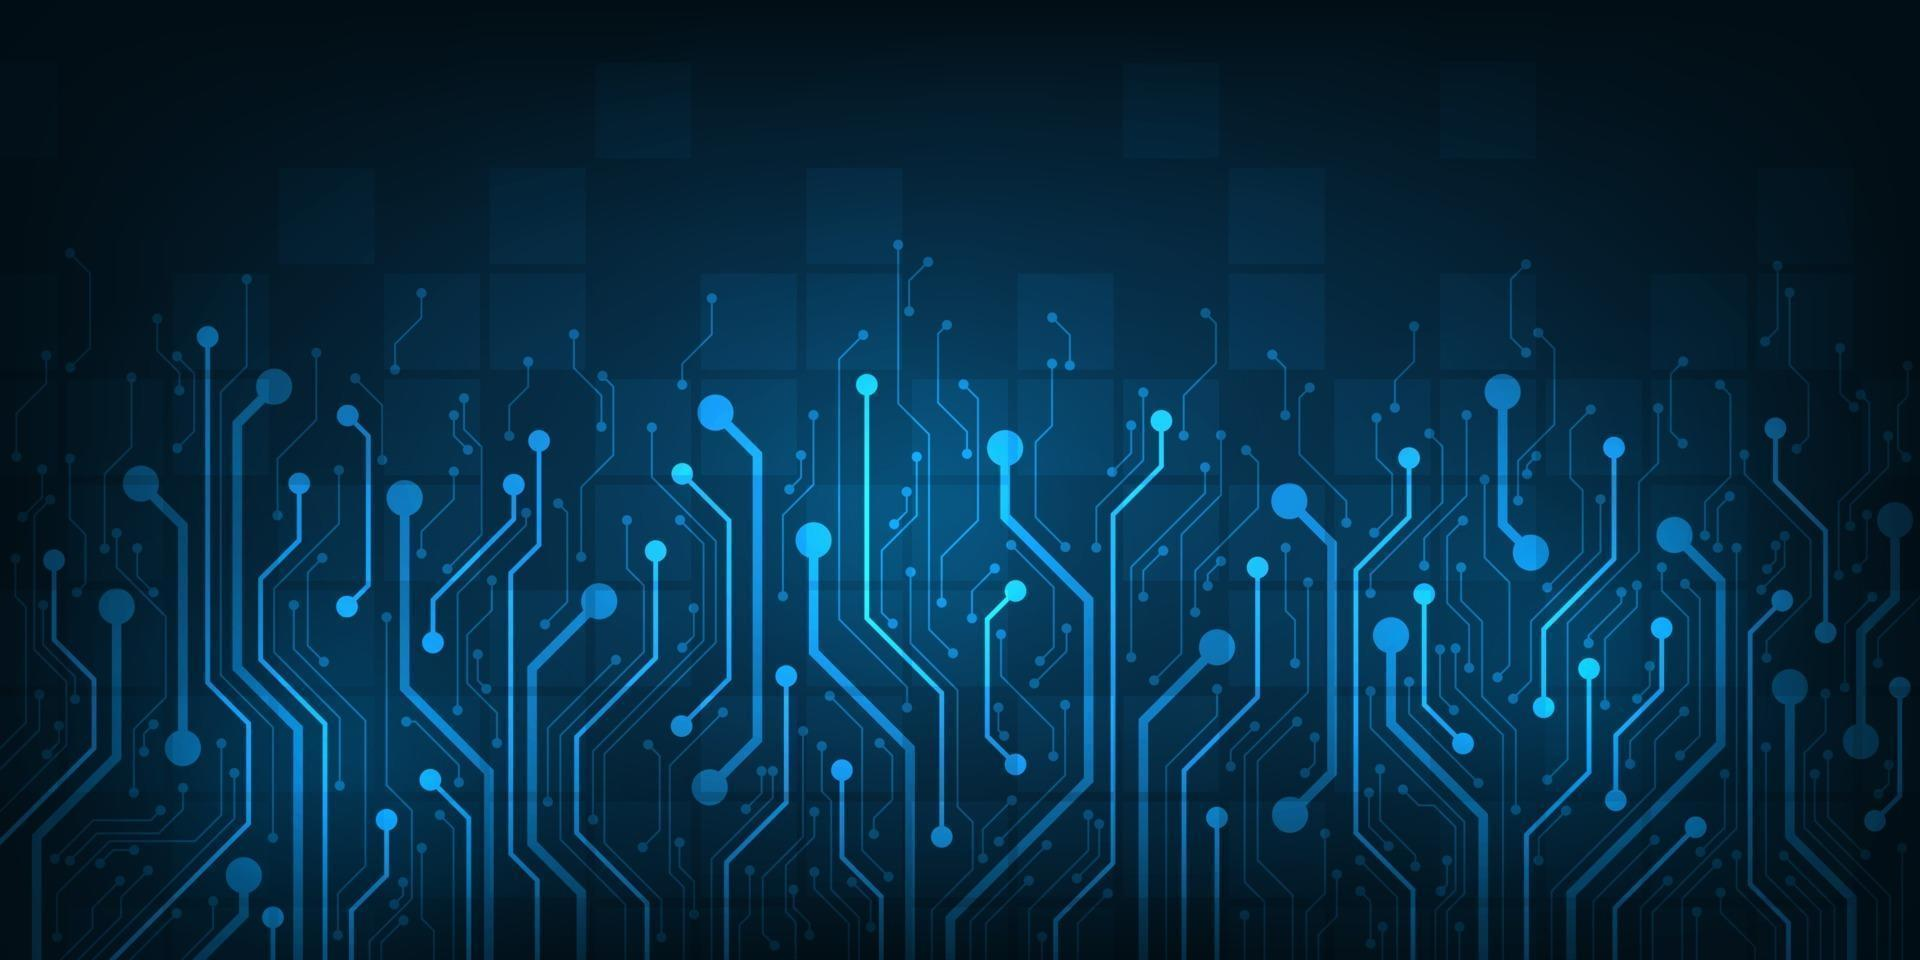 Design im Konzept der elektronischen Leiterplatten. vektor